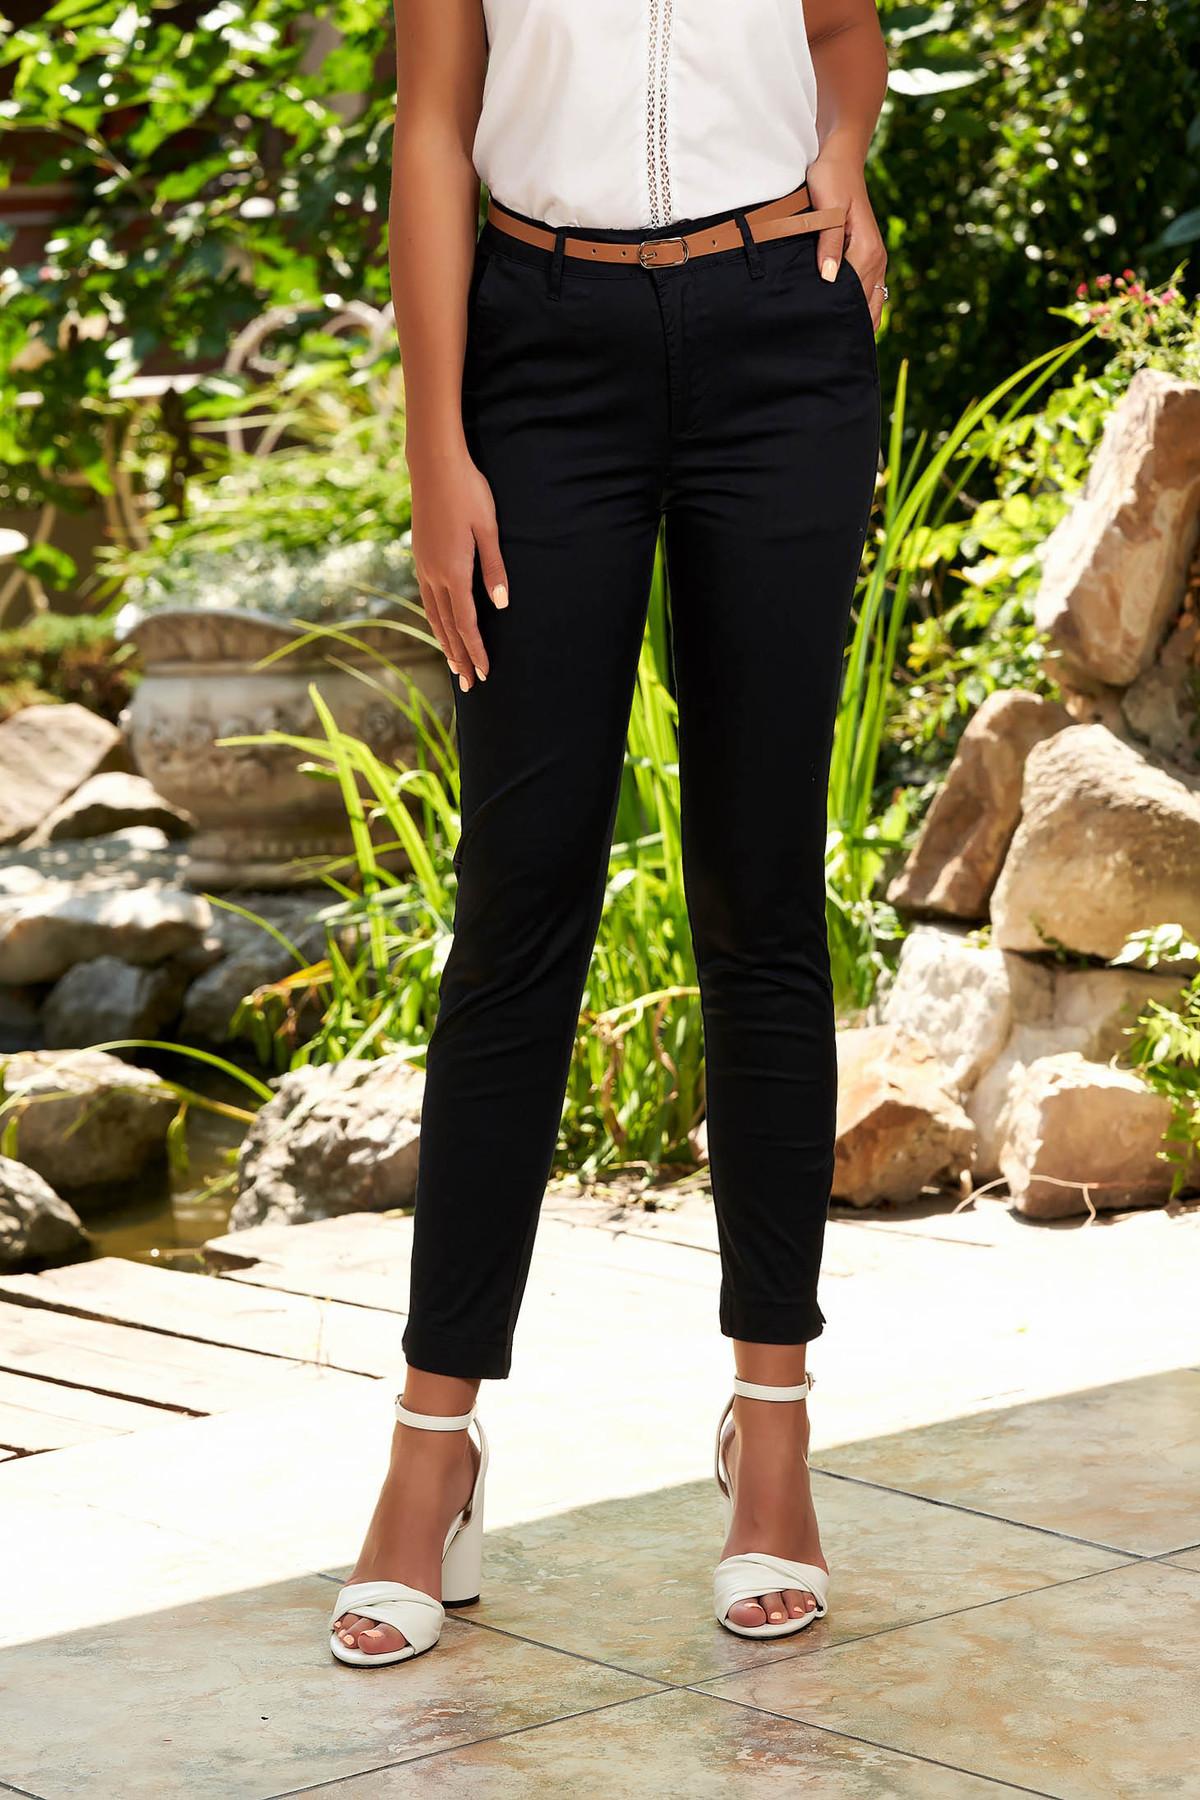 Pantaloni SunShine albastru-inchis casual conici din bumbac cu buzunare in fata si accesoriu inclus